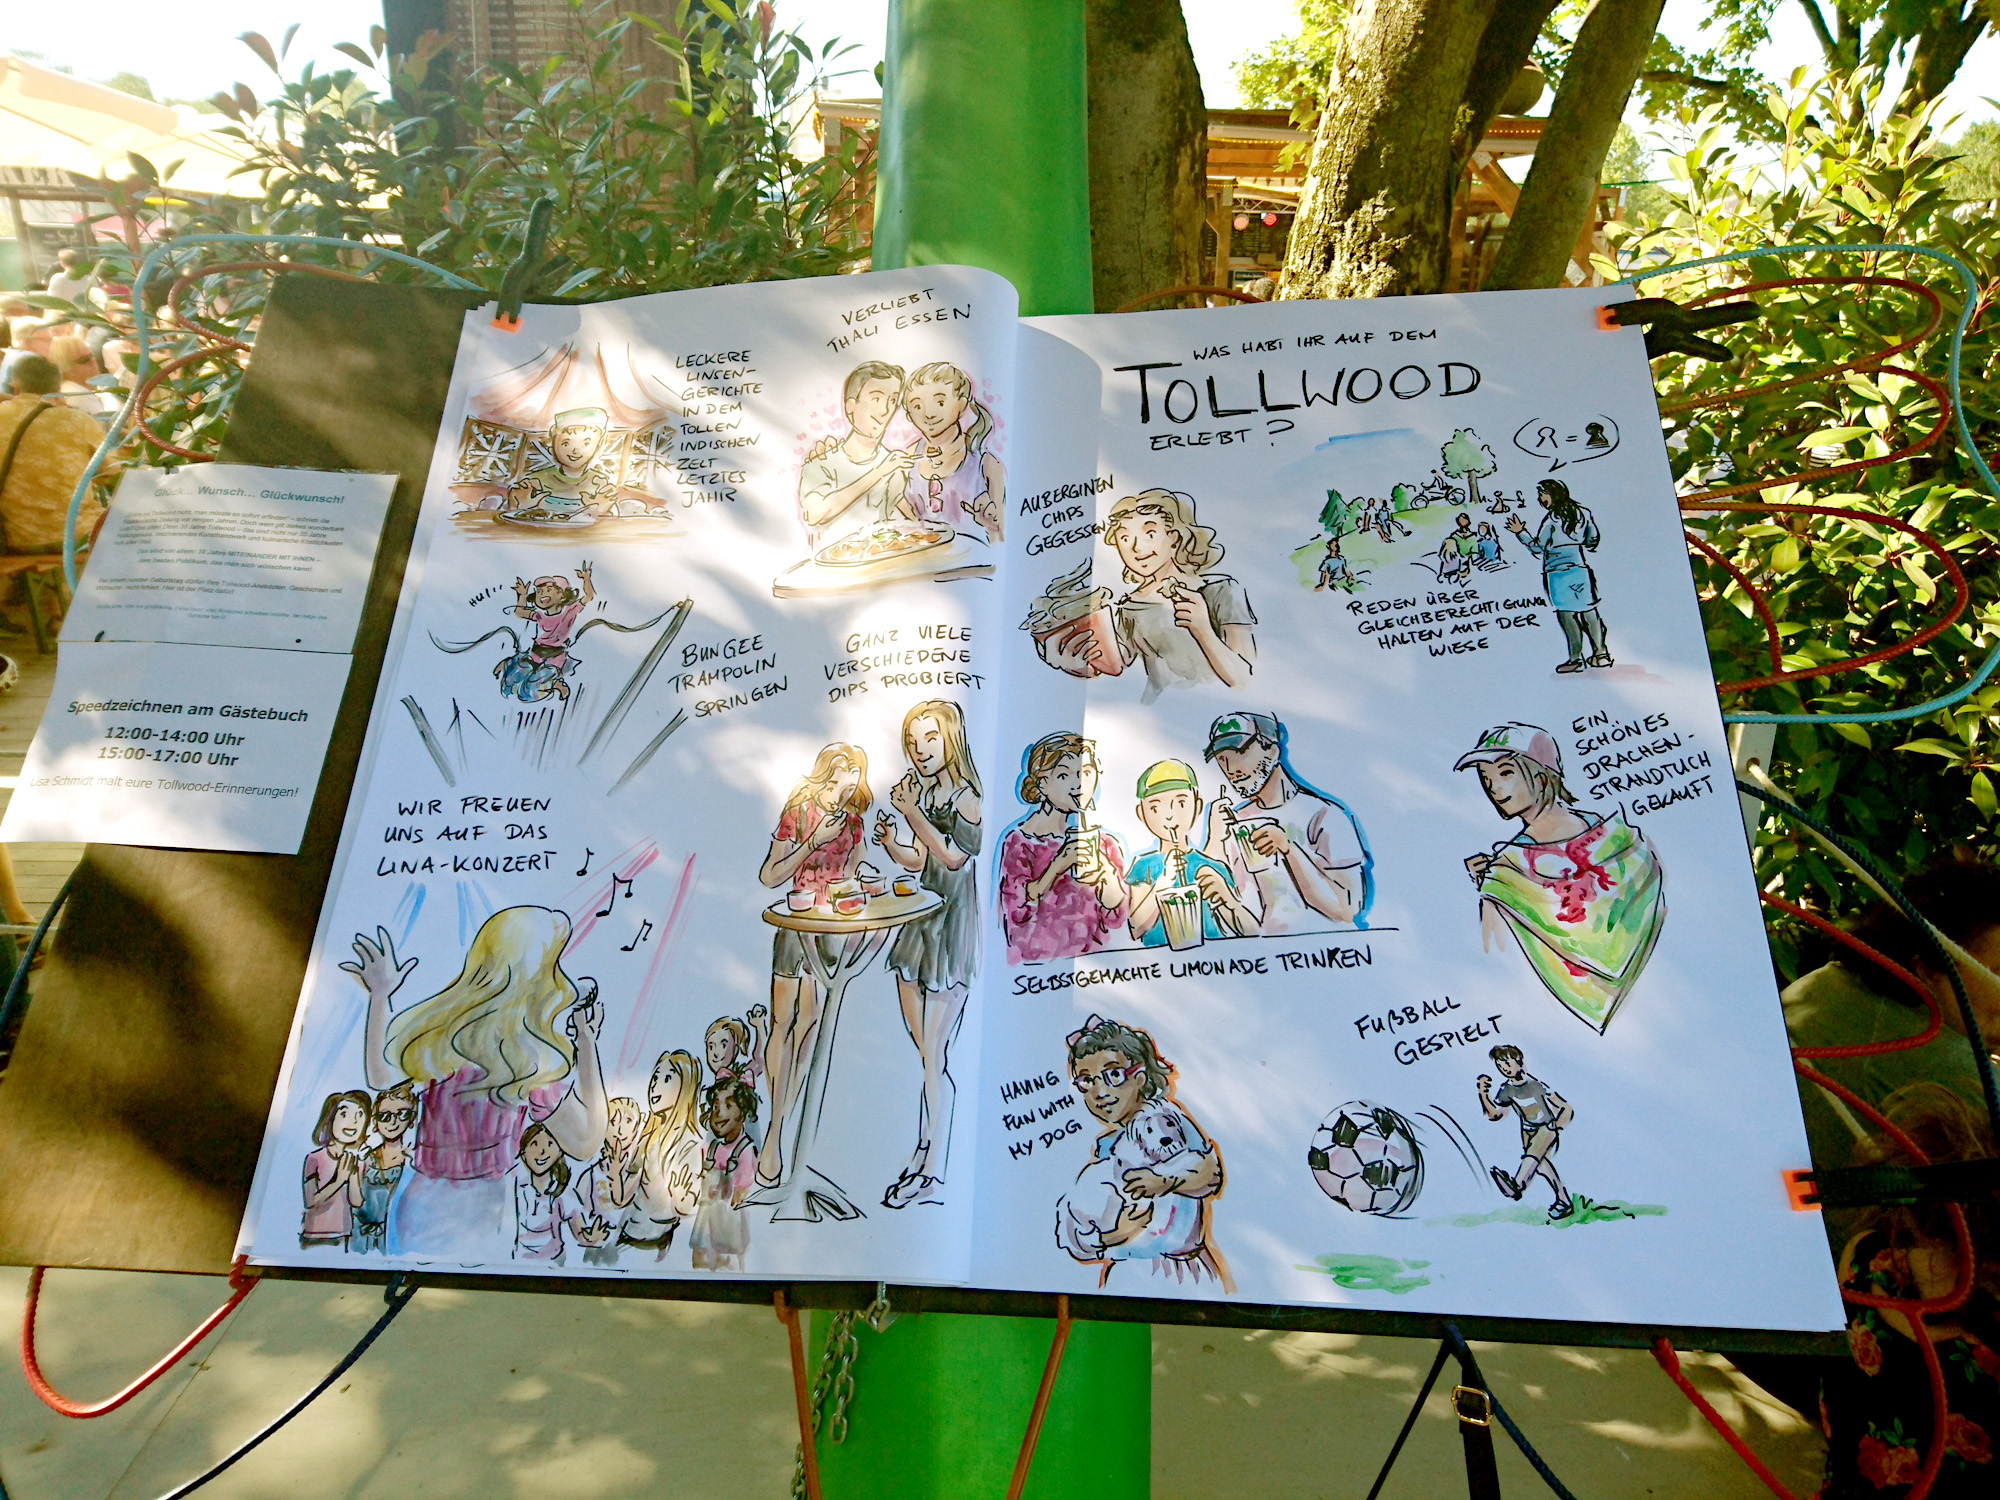 Tollwood München - Erlebnisse der Besucher im Gästebuch